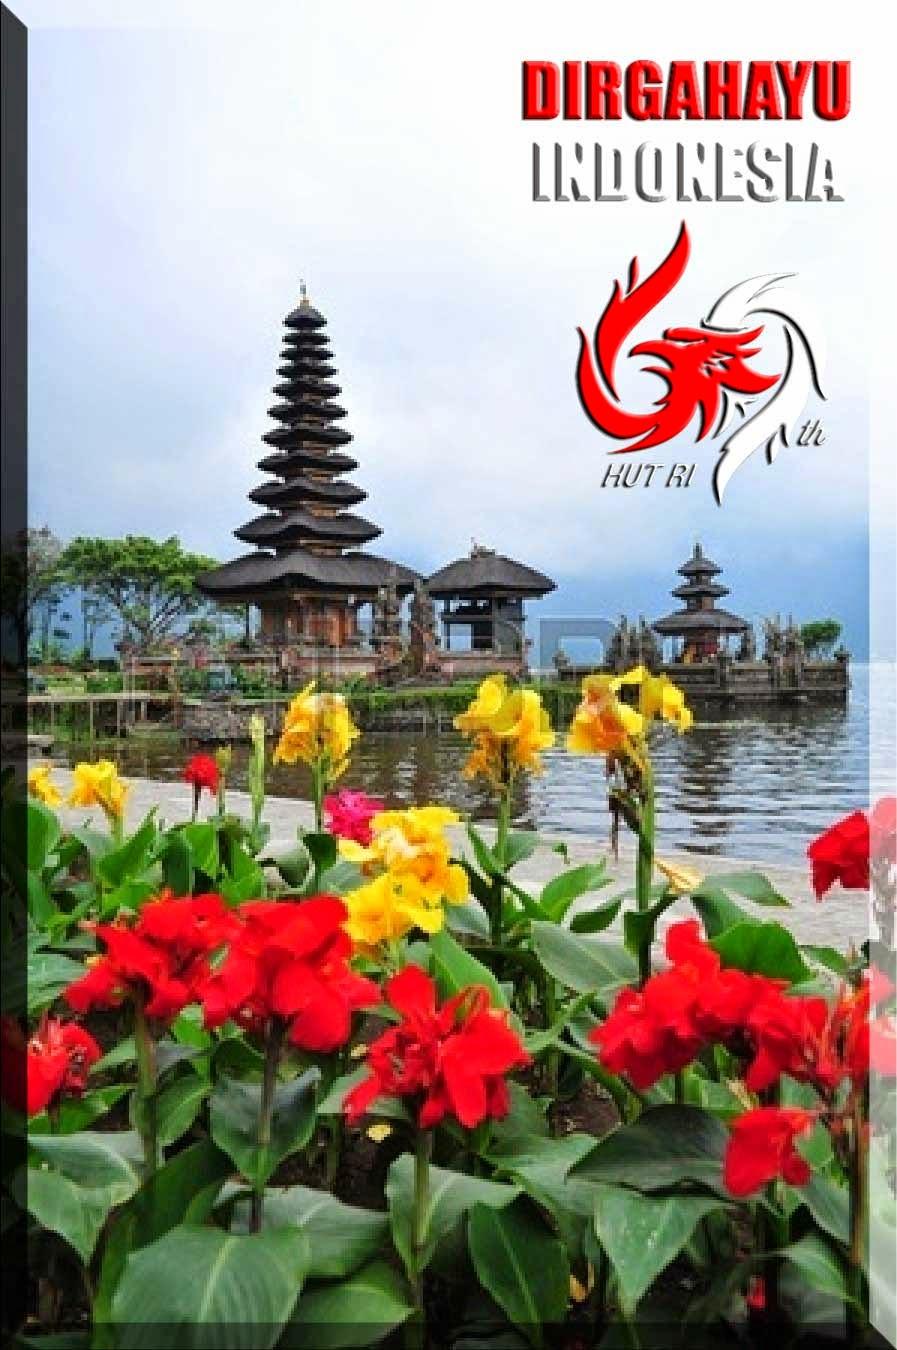 Image Gambar Untuk Semua Dirgahayu Republik Indonesia Ke69